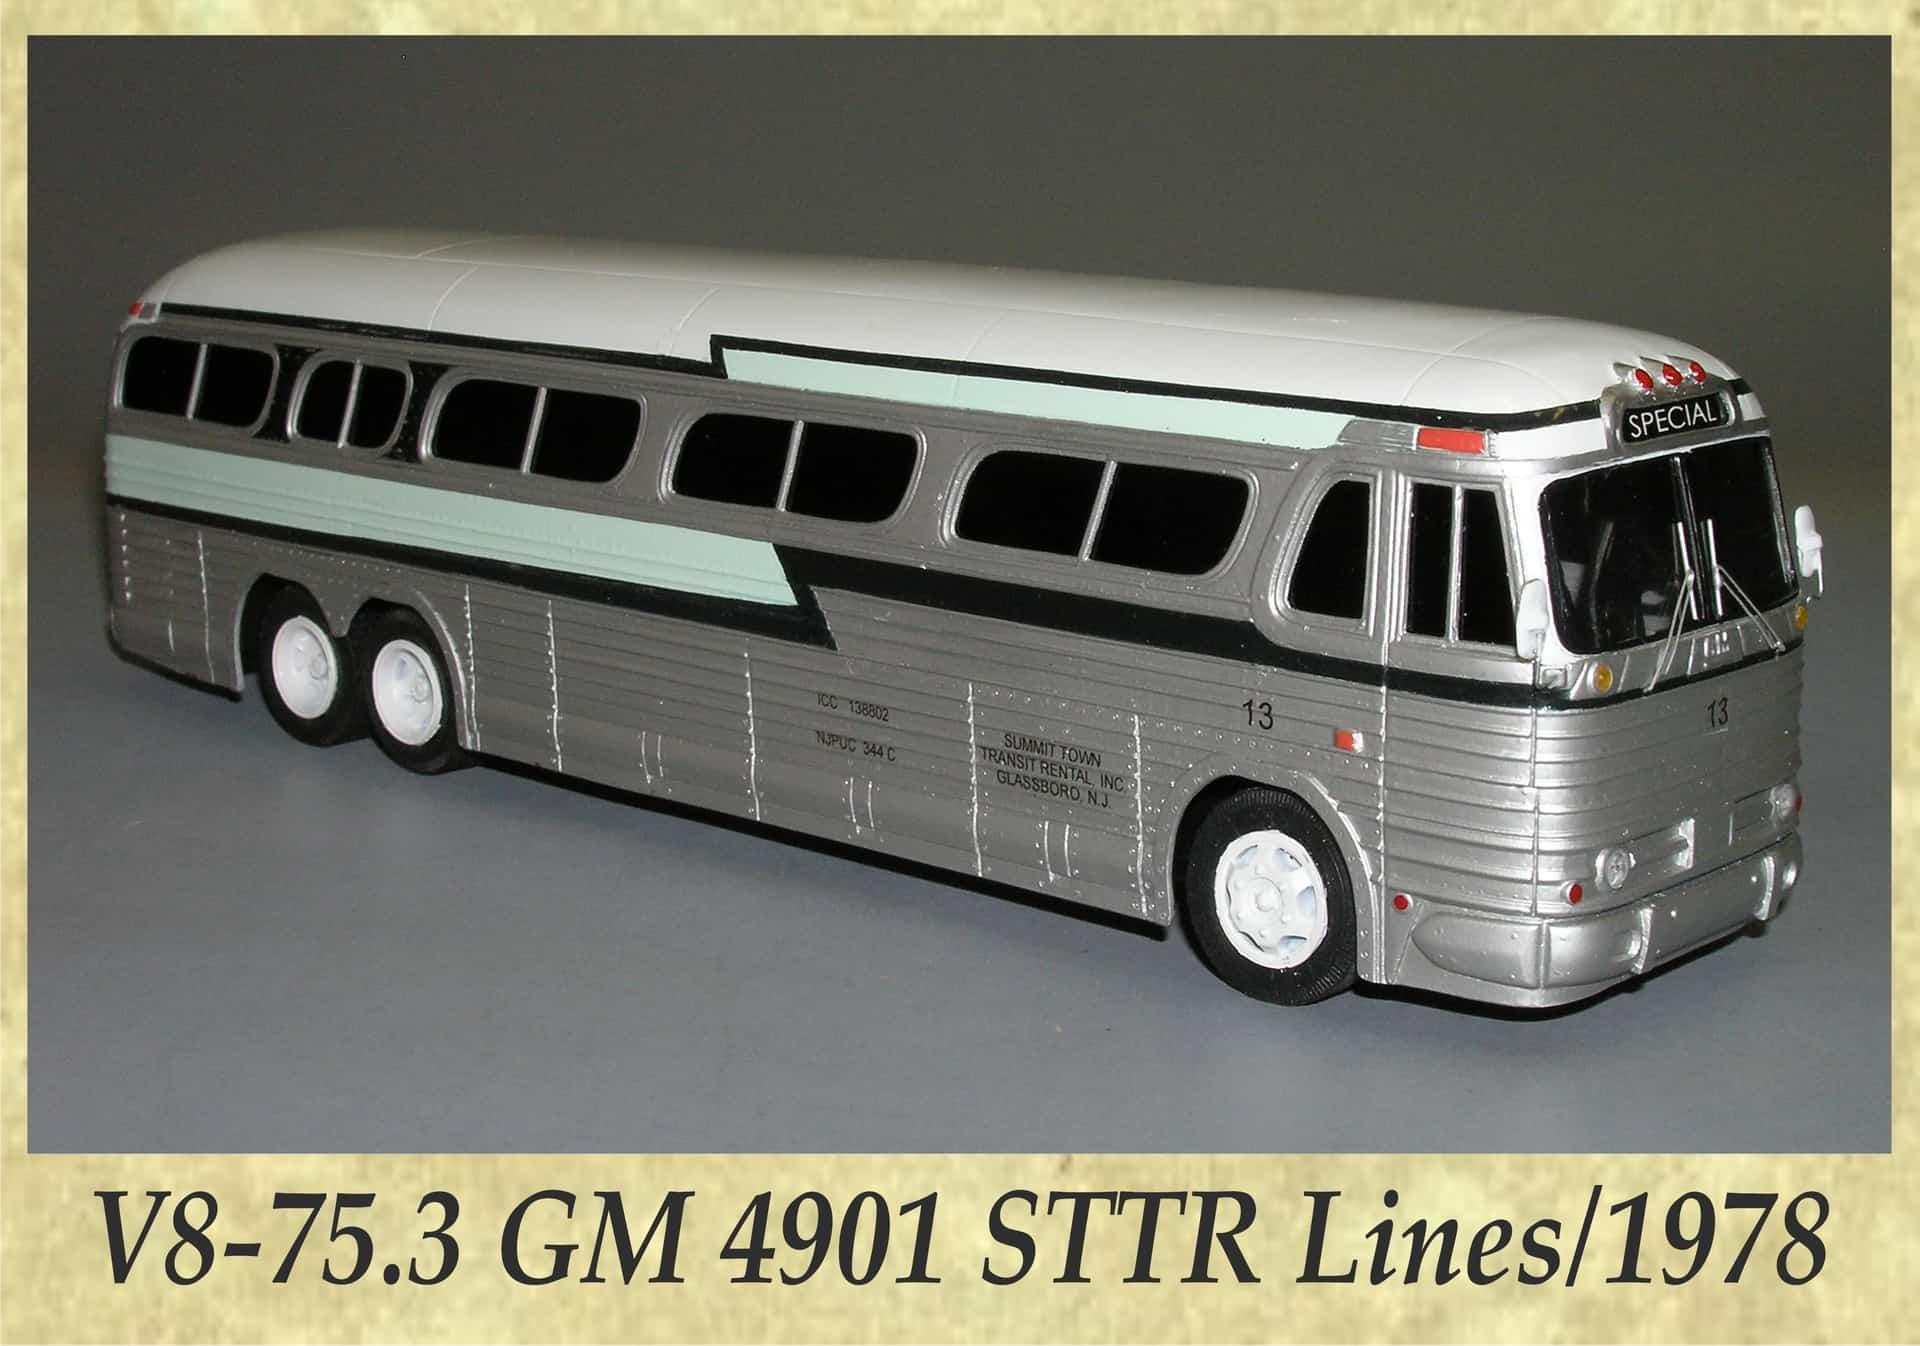 V8-75.3 GM 4901 STTR Lines 1978